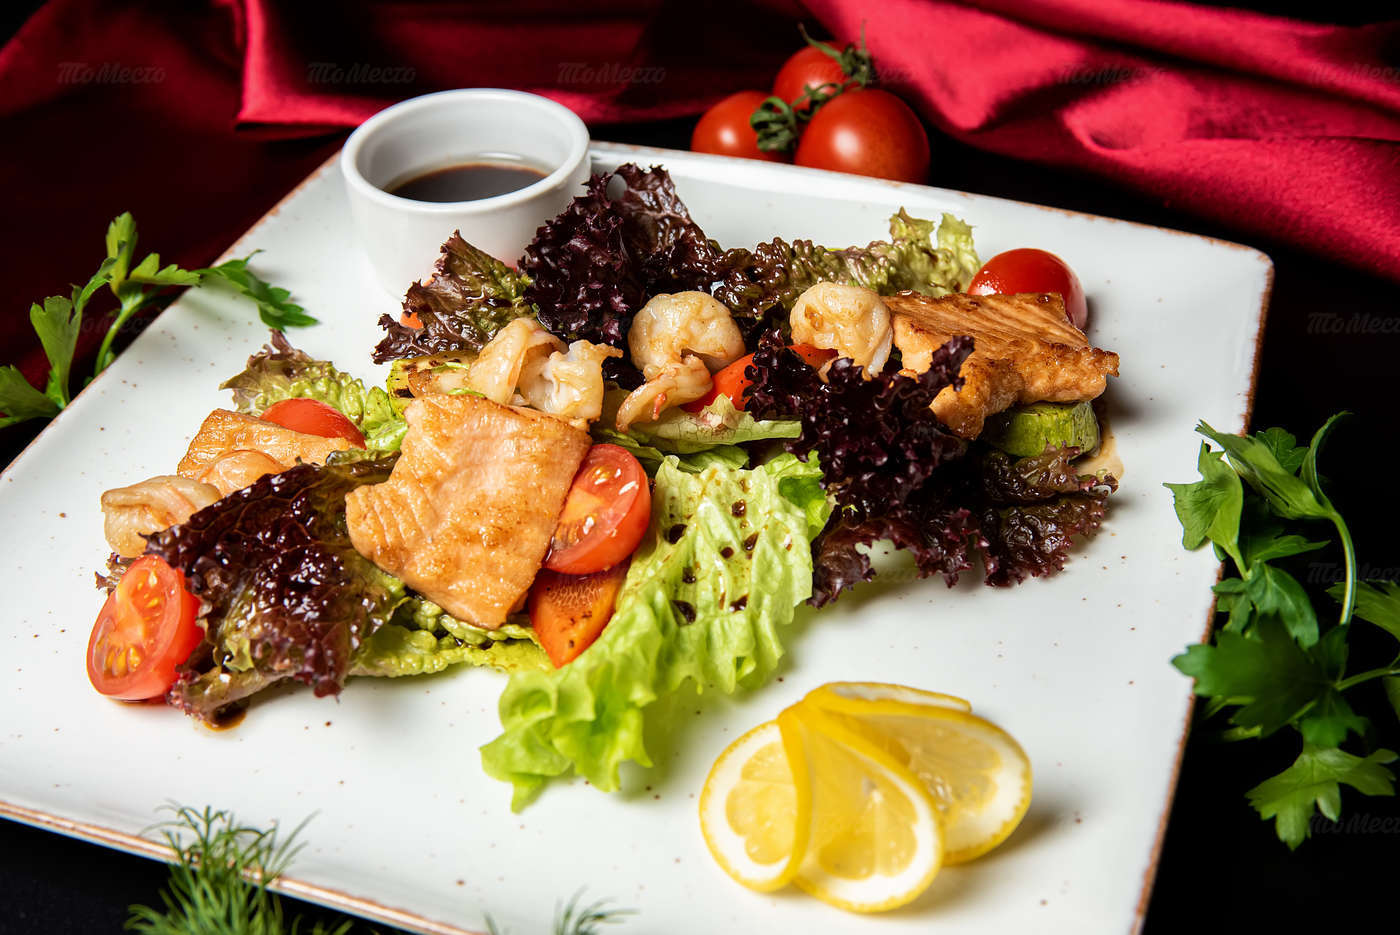 Меню ресторана Баязет на набережной реки Фонтанки фото 42